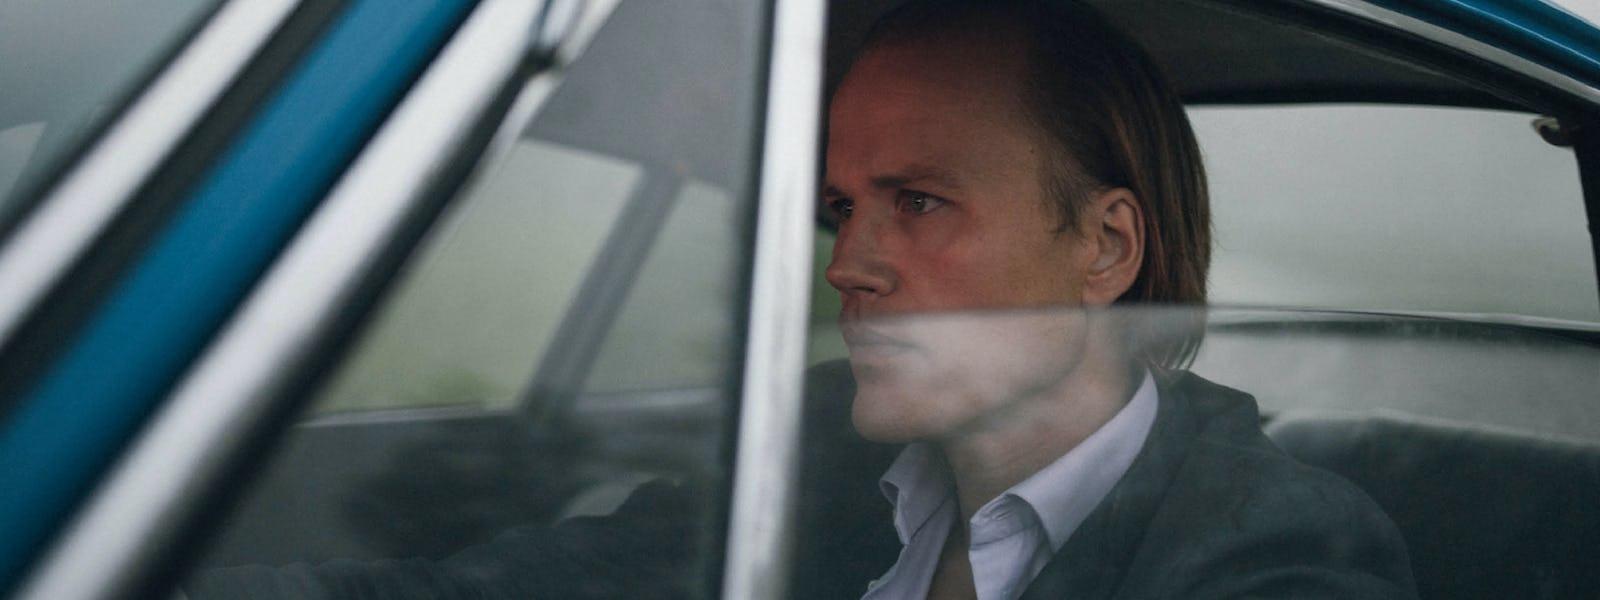 Bild - Äntligen Drive in: Christian Kjellvander